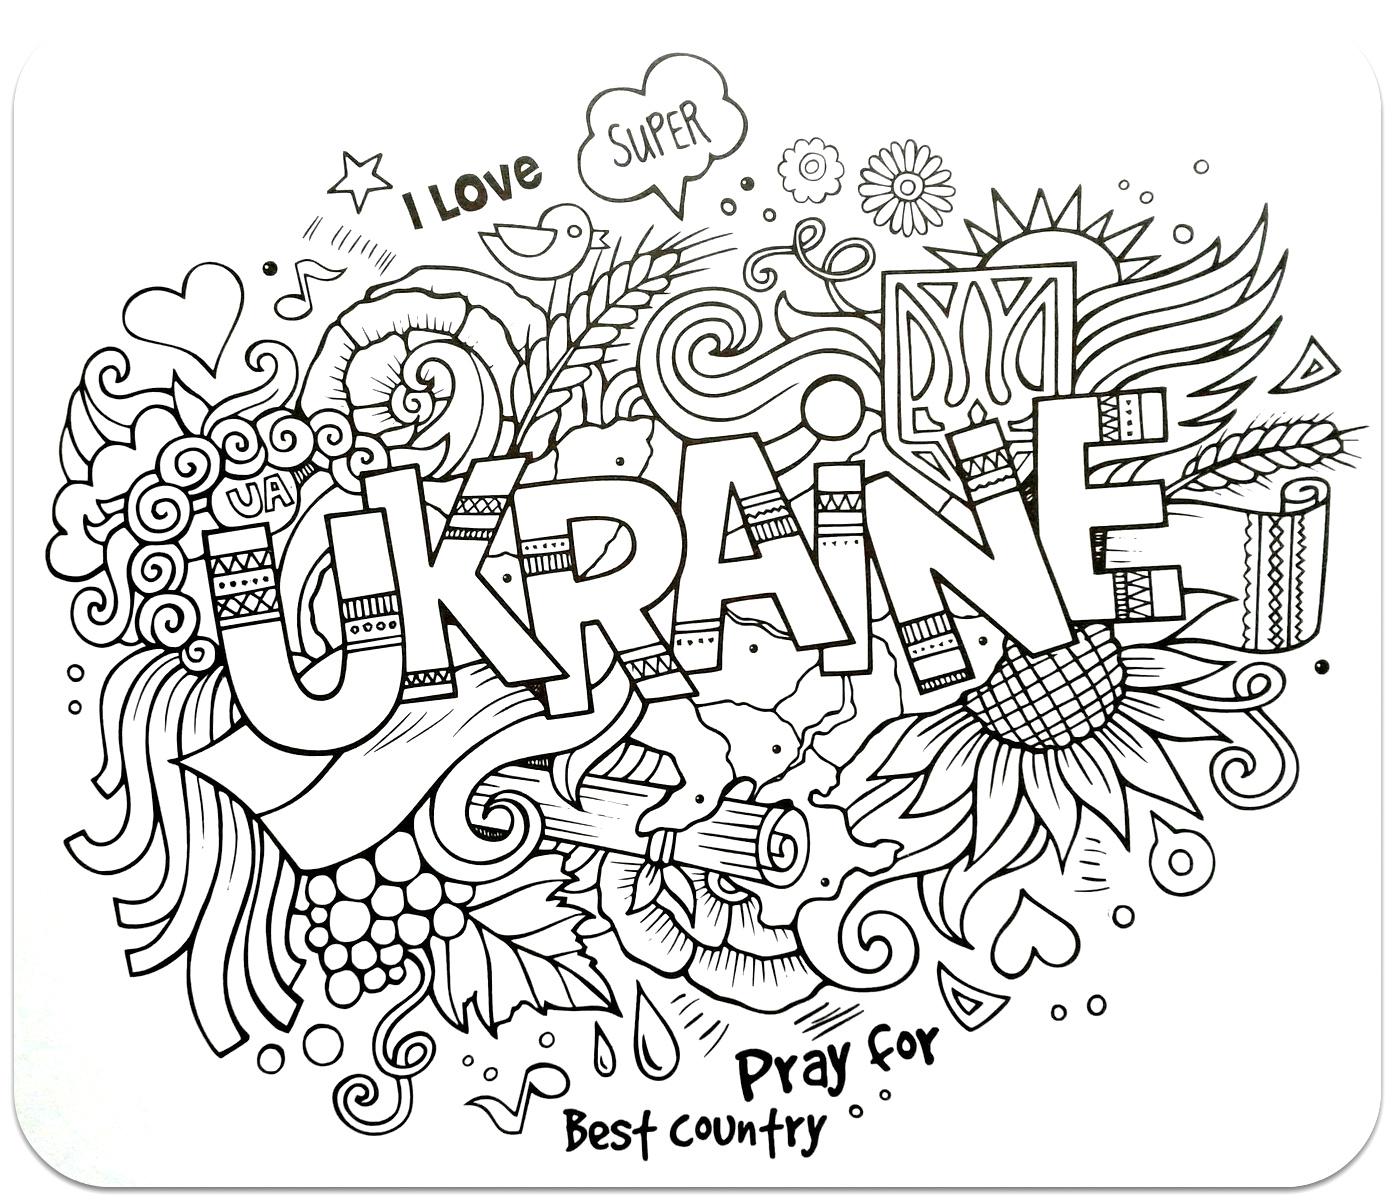 розмальовки для дорослих, розмальовки антистрес, країни, подорож, раскраски антистресс, страны, україна